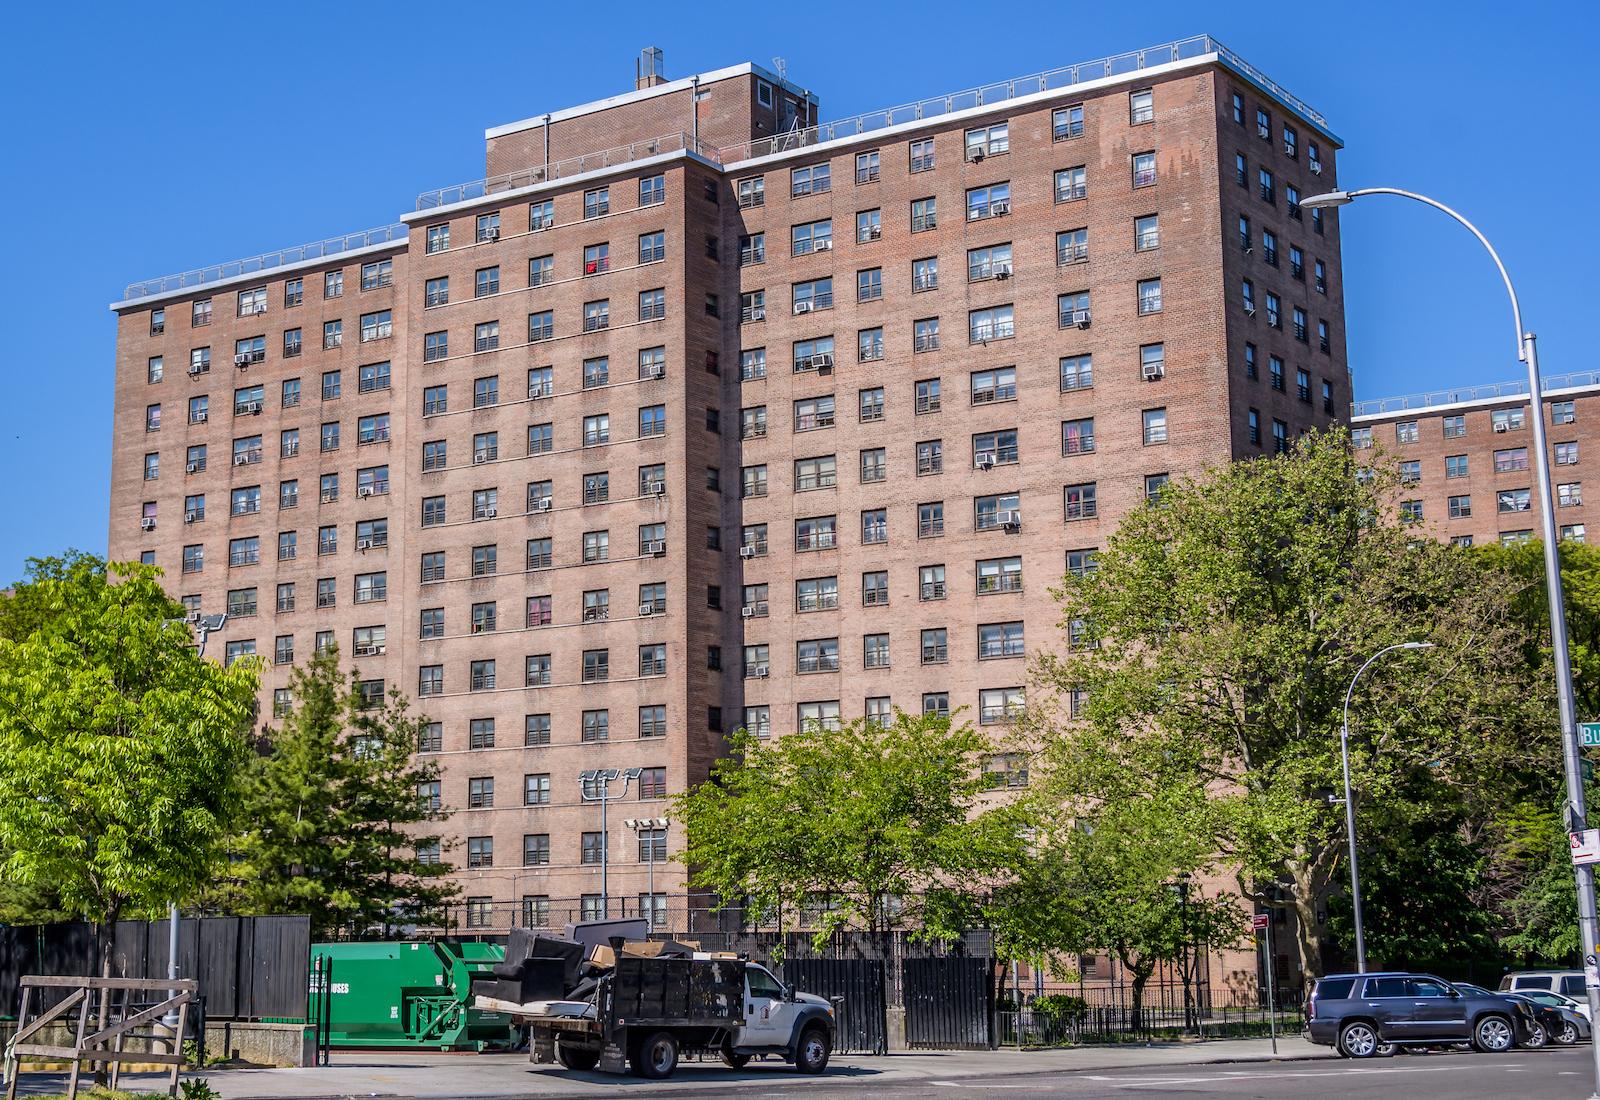 Brooklyn public housing